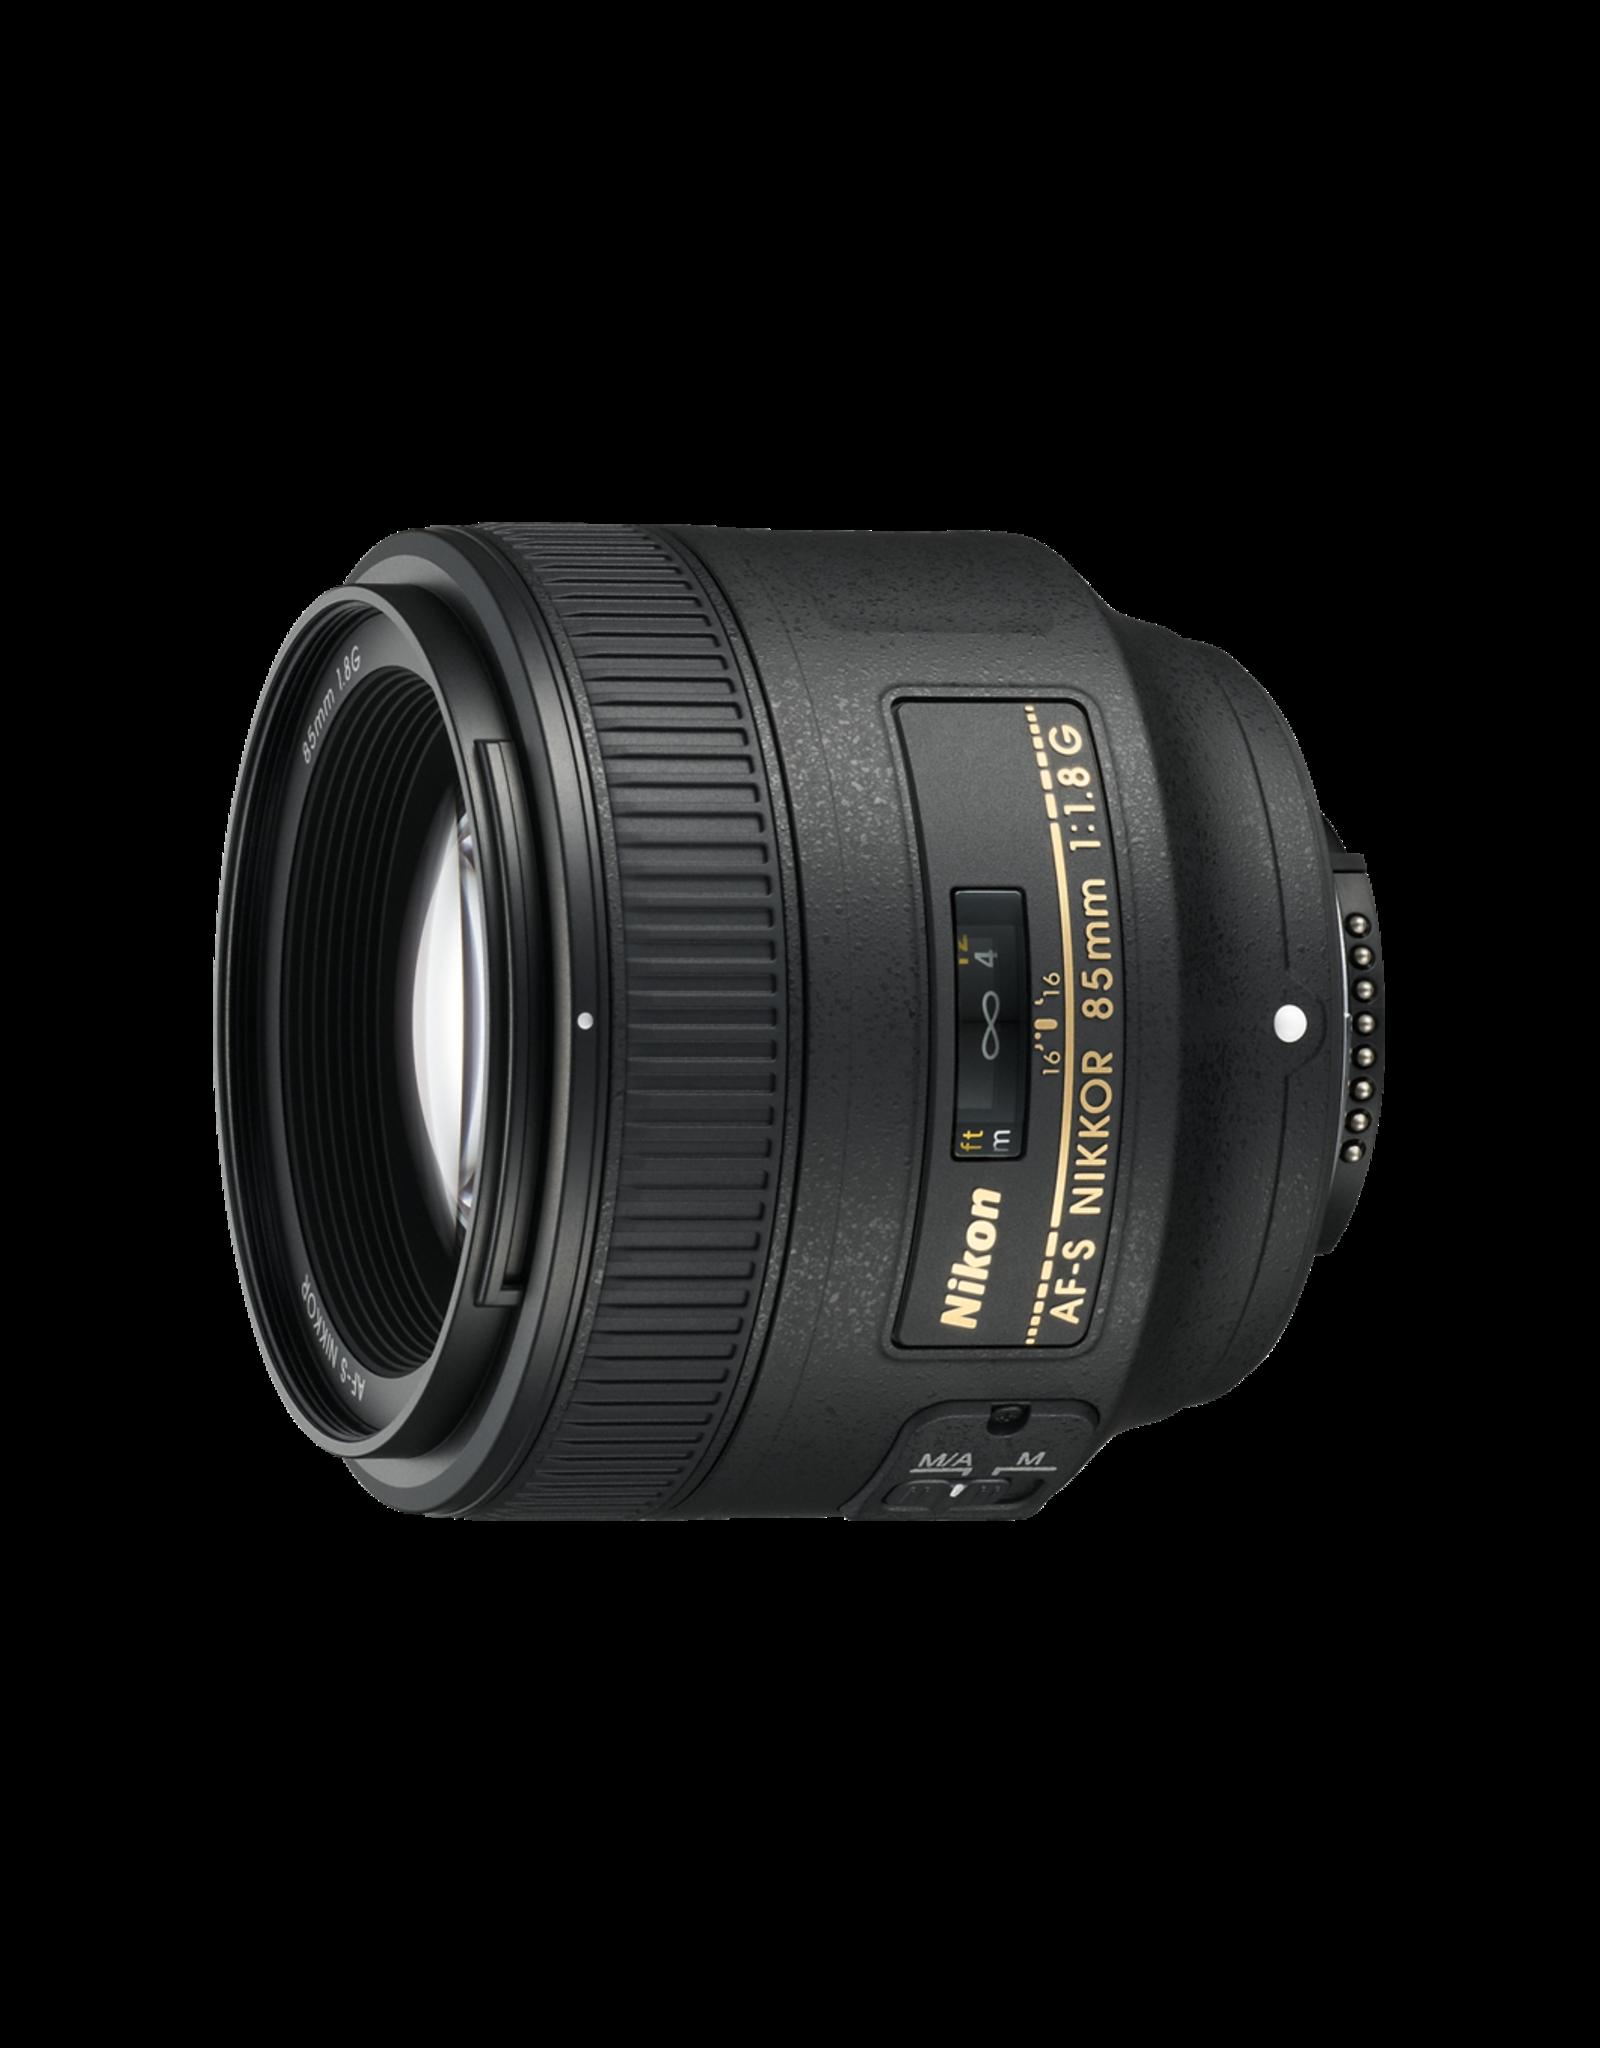 Nikon Nikkor AF-S 85mm/1.8G - Nikon Pro Partner